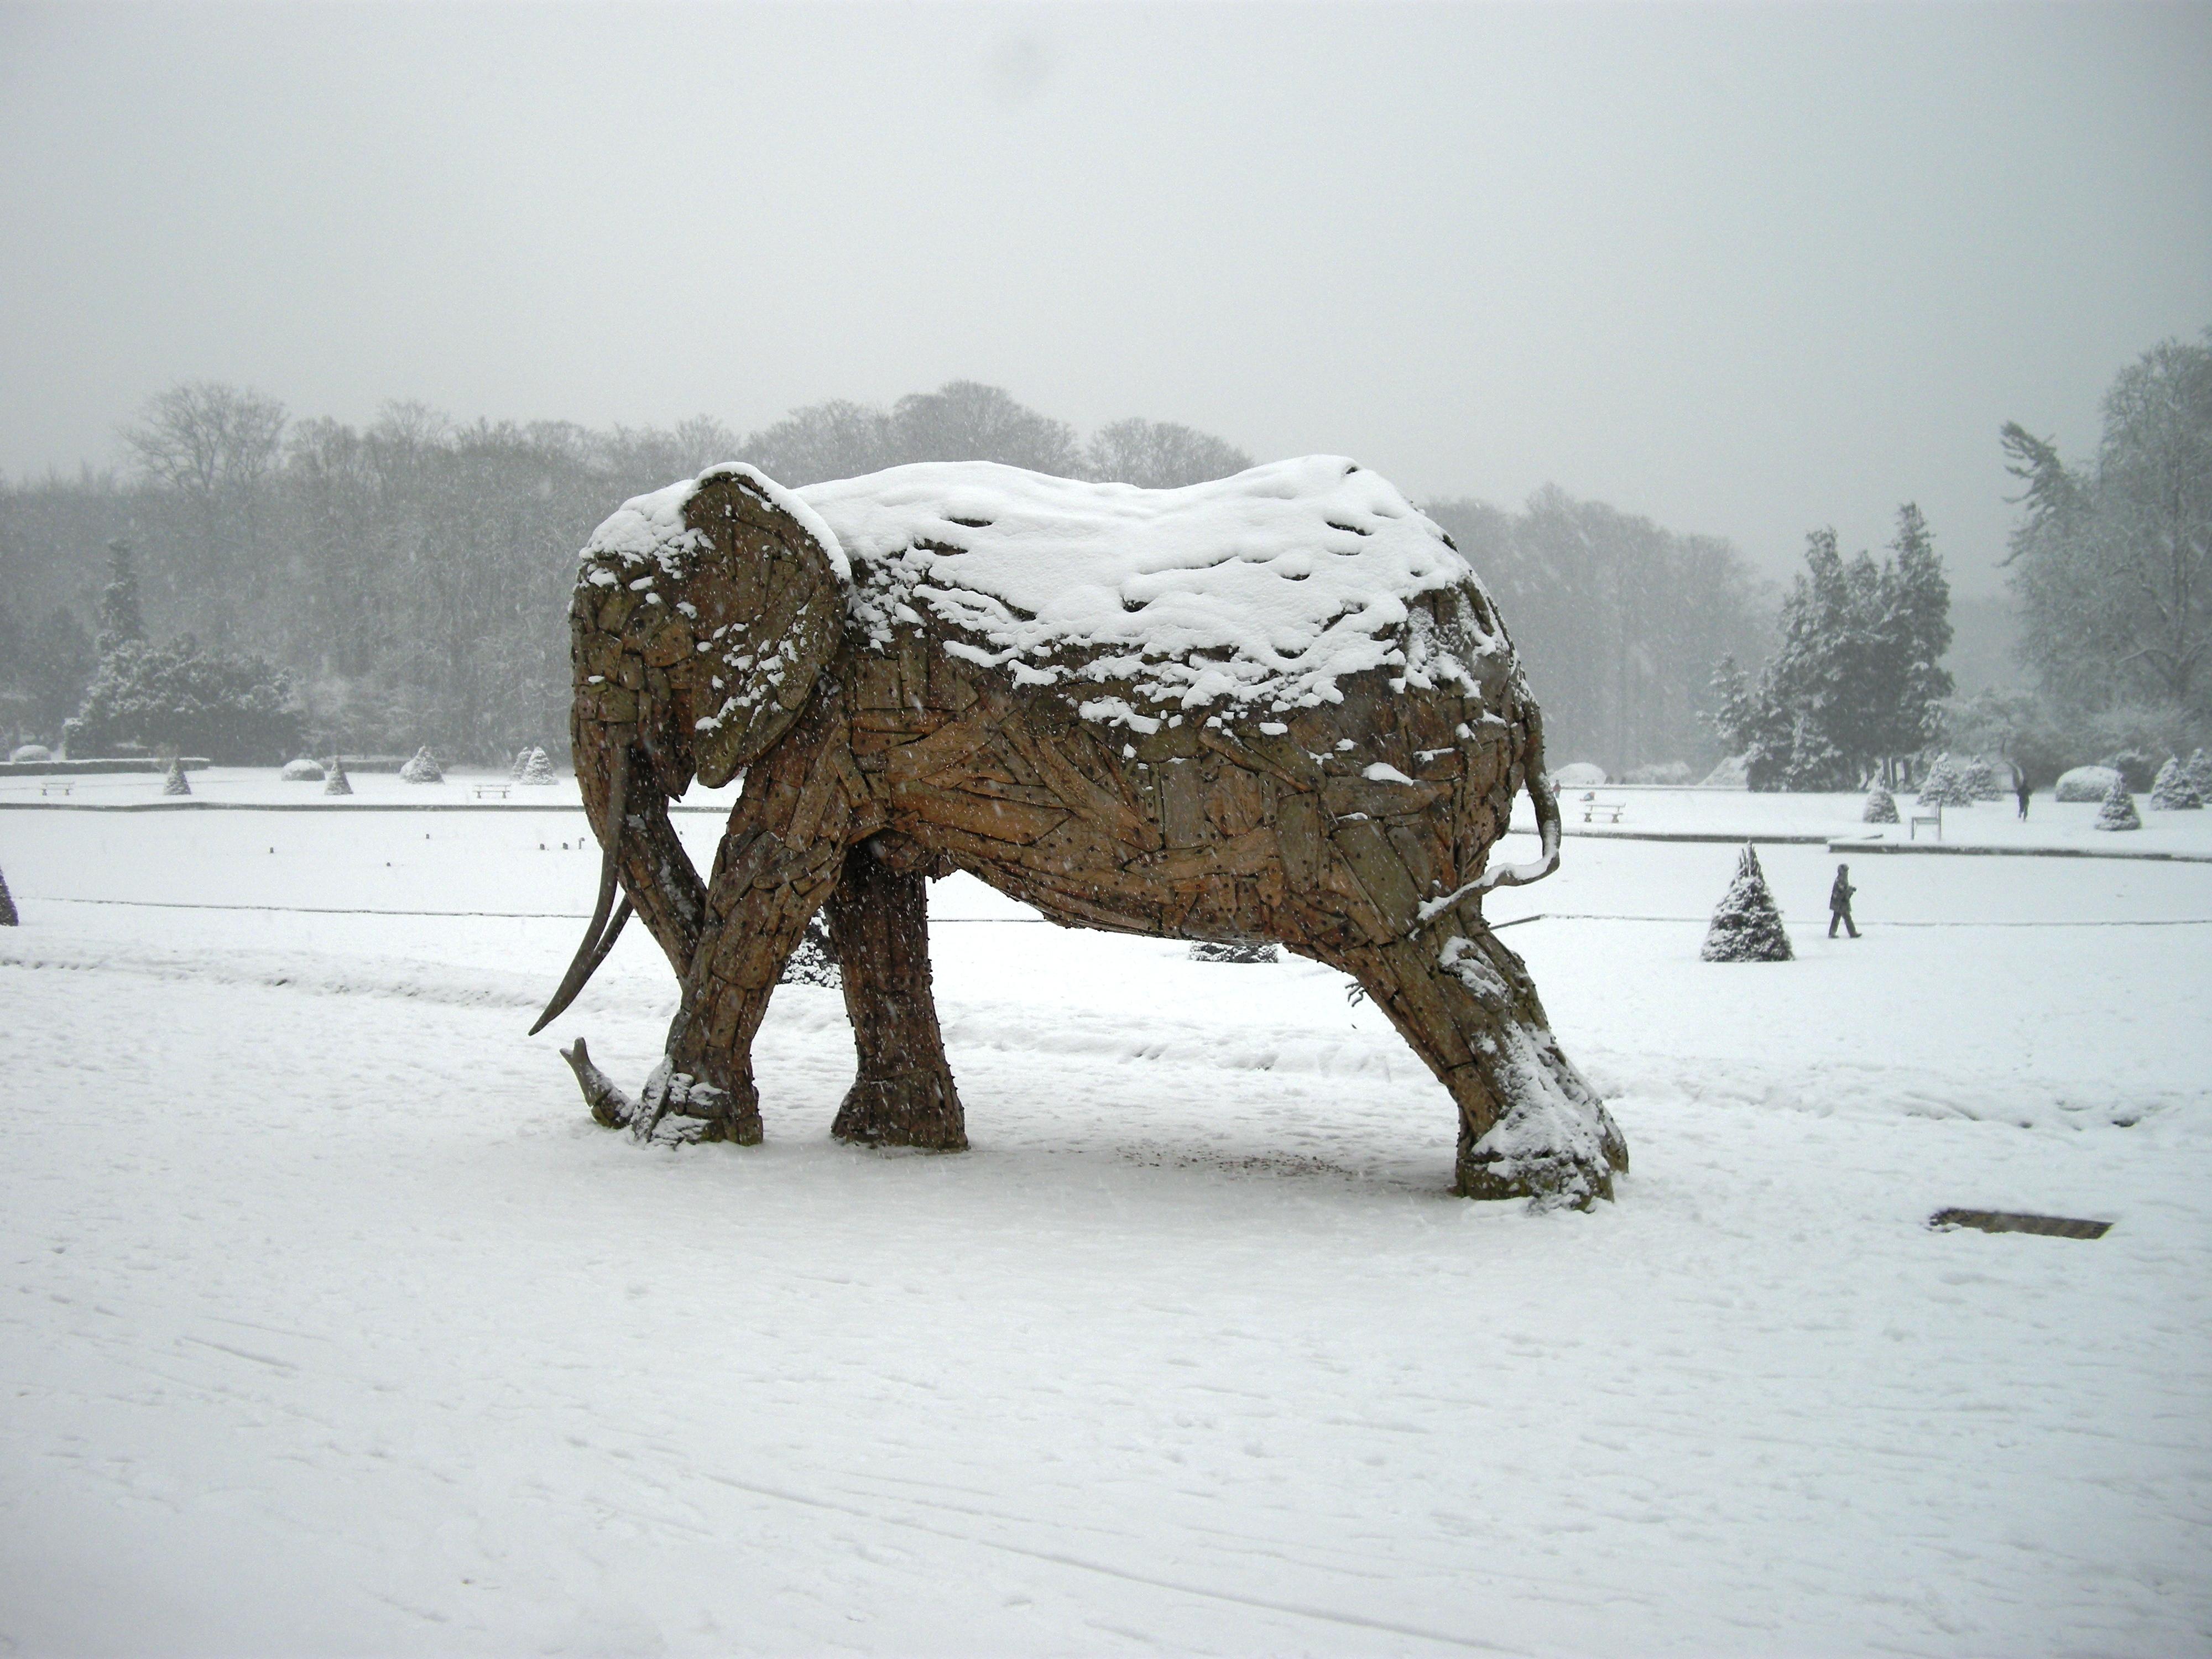 Elephants in Snow